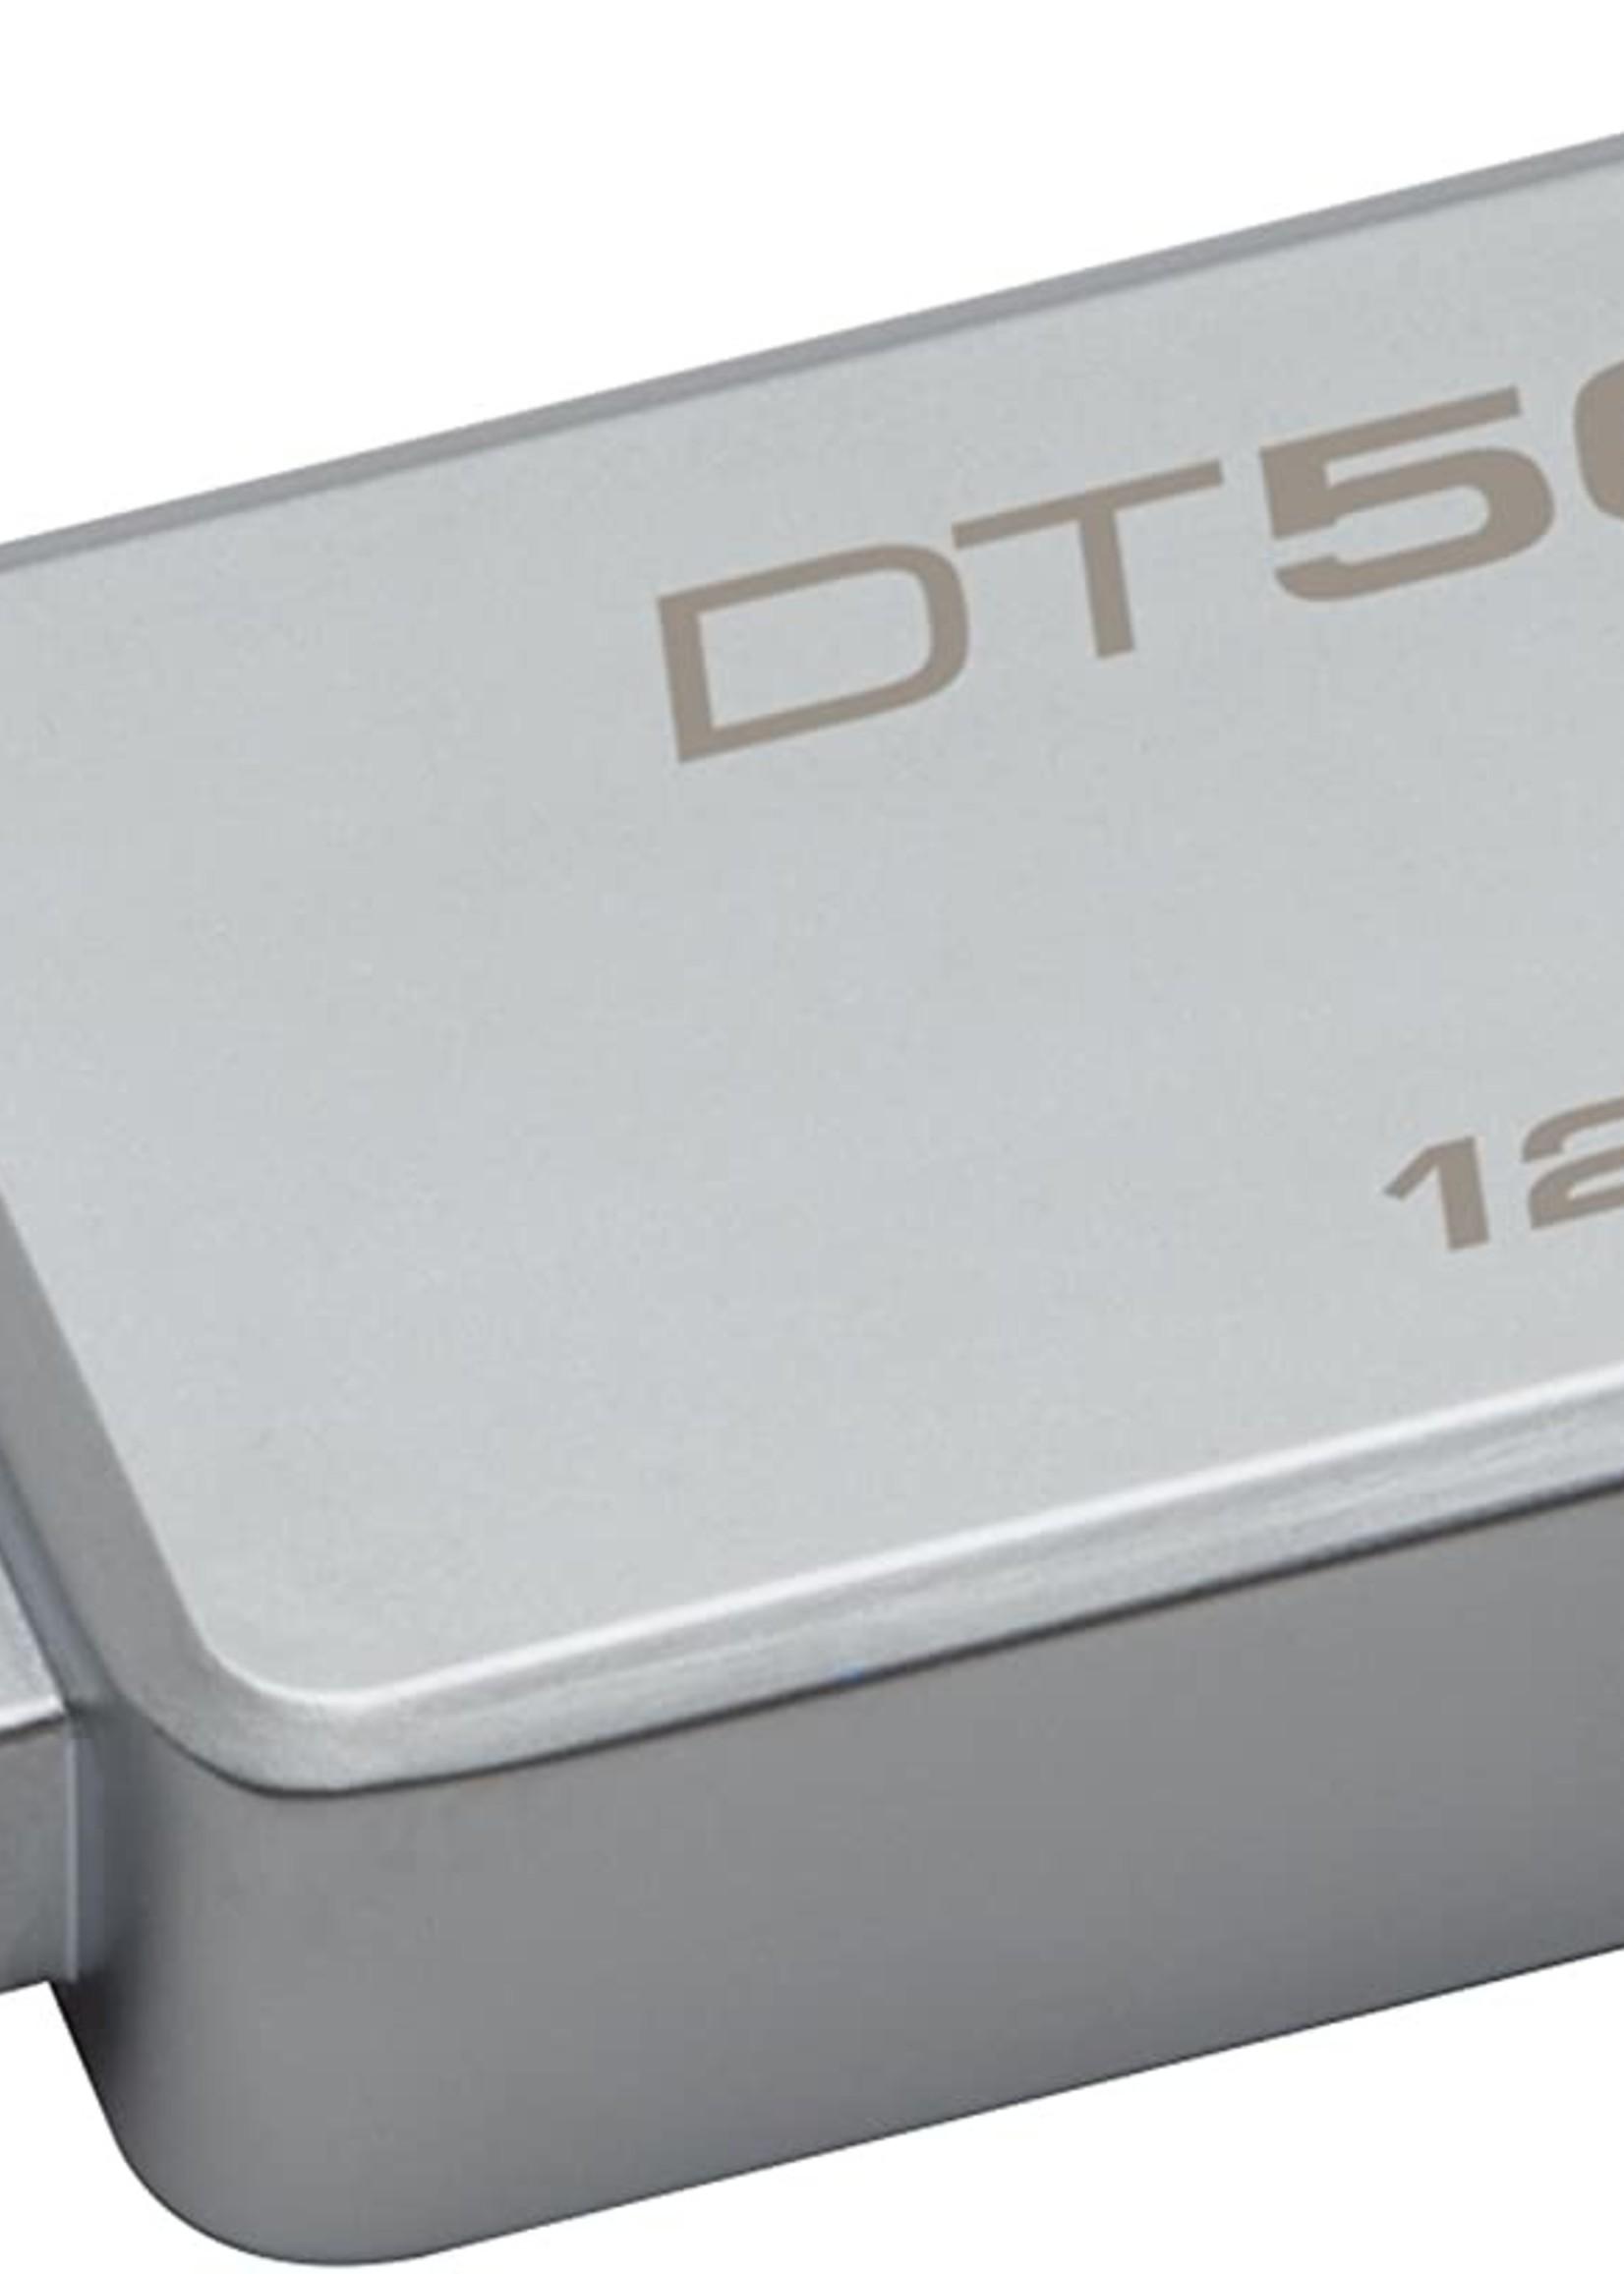 Kingston 128GB Kingston Data Traveler USB 3.0 DT 50 Metal Blk